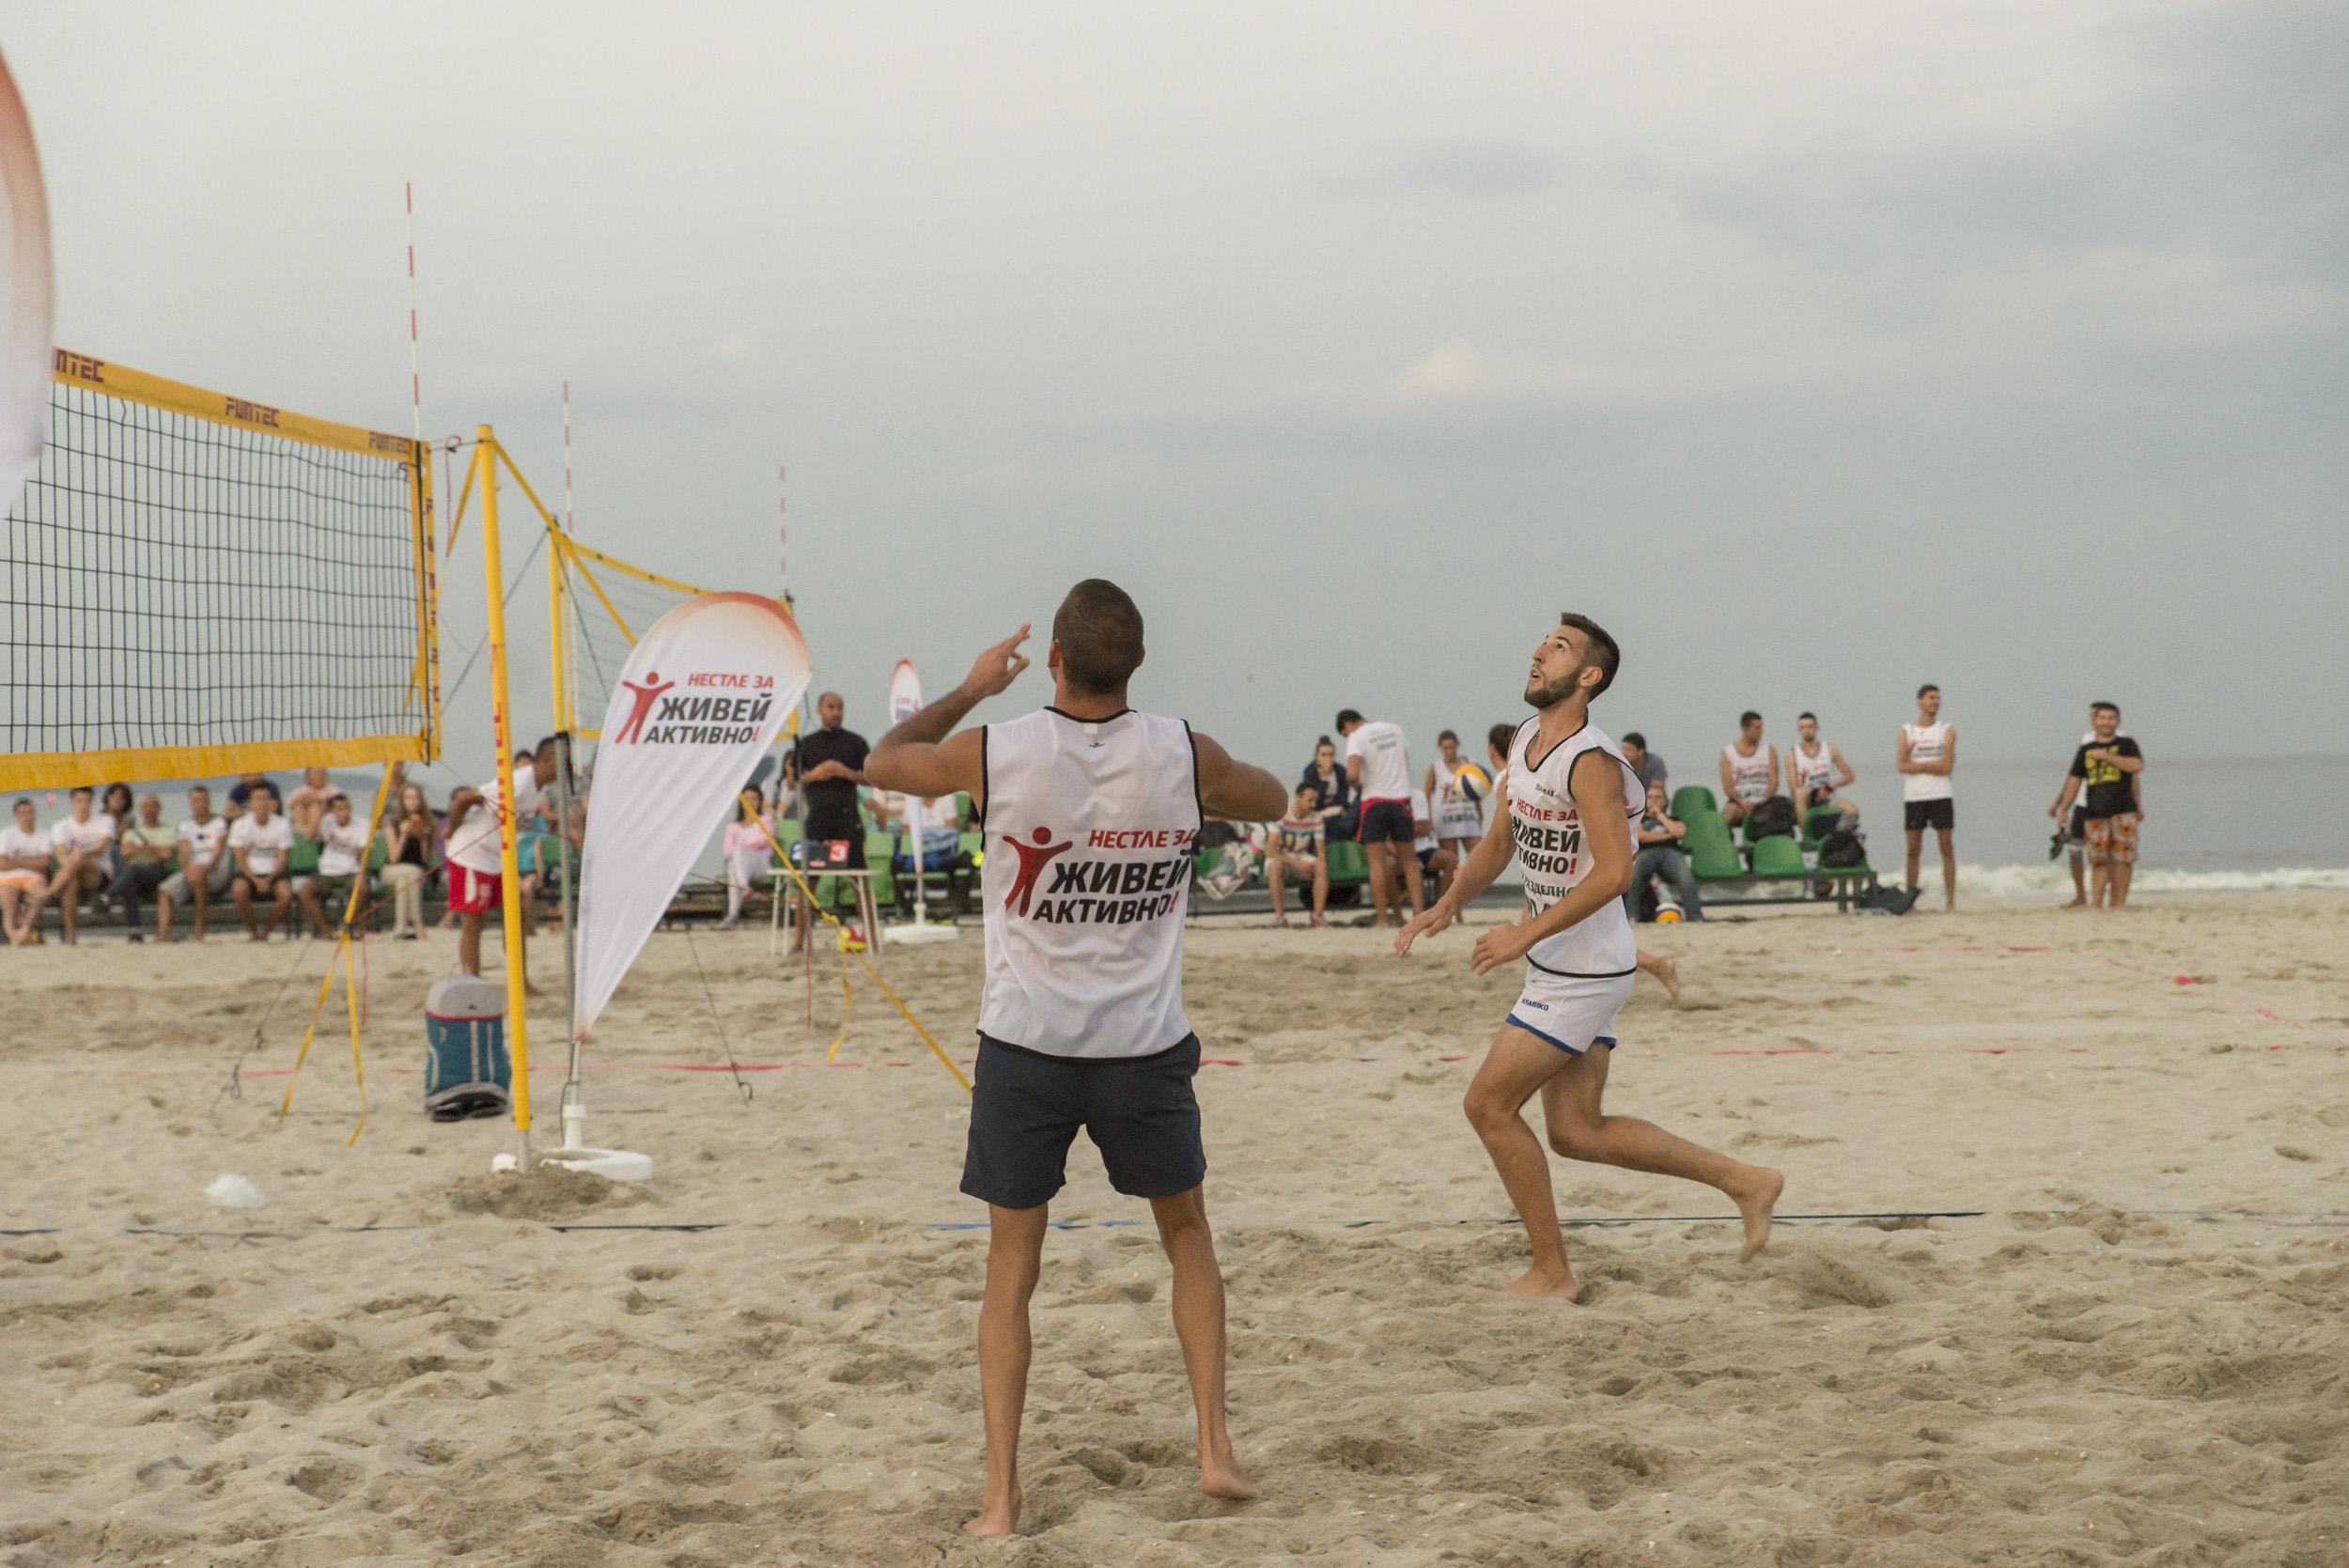 Нестле за Живей Активно! продължава волейболната традиция на варненци на 15 август 141